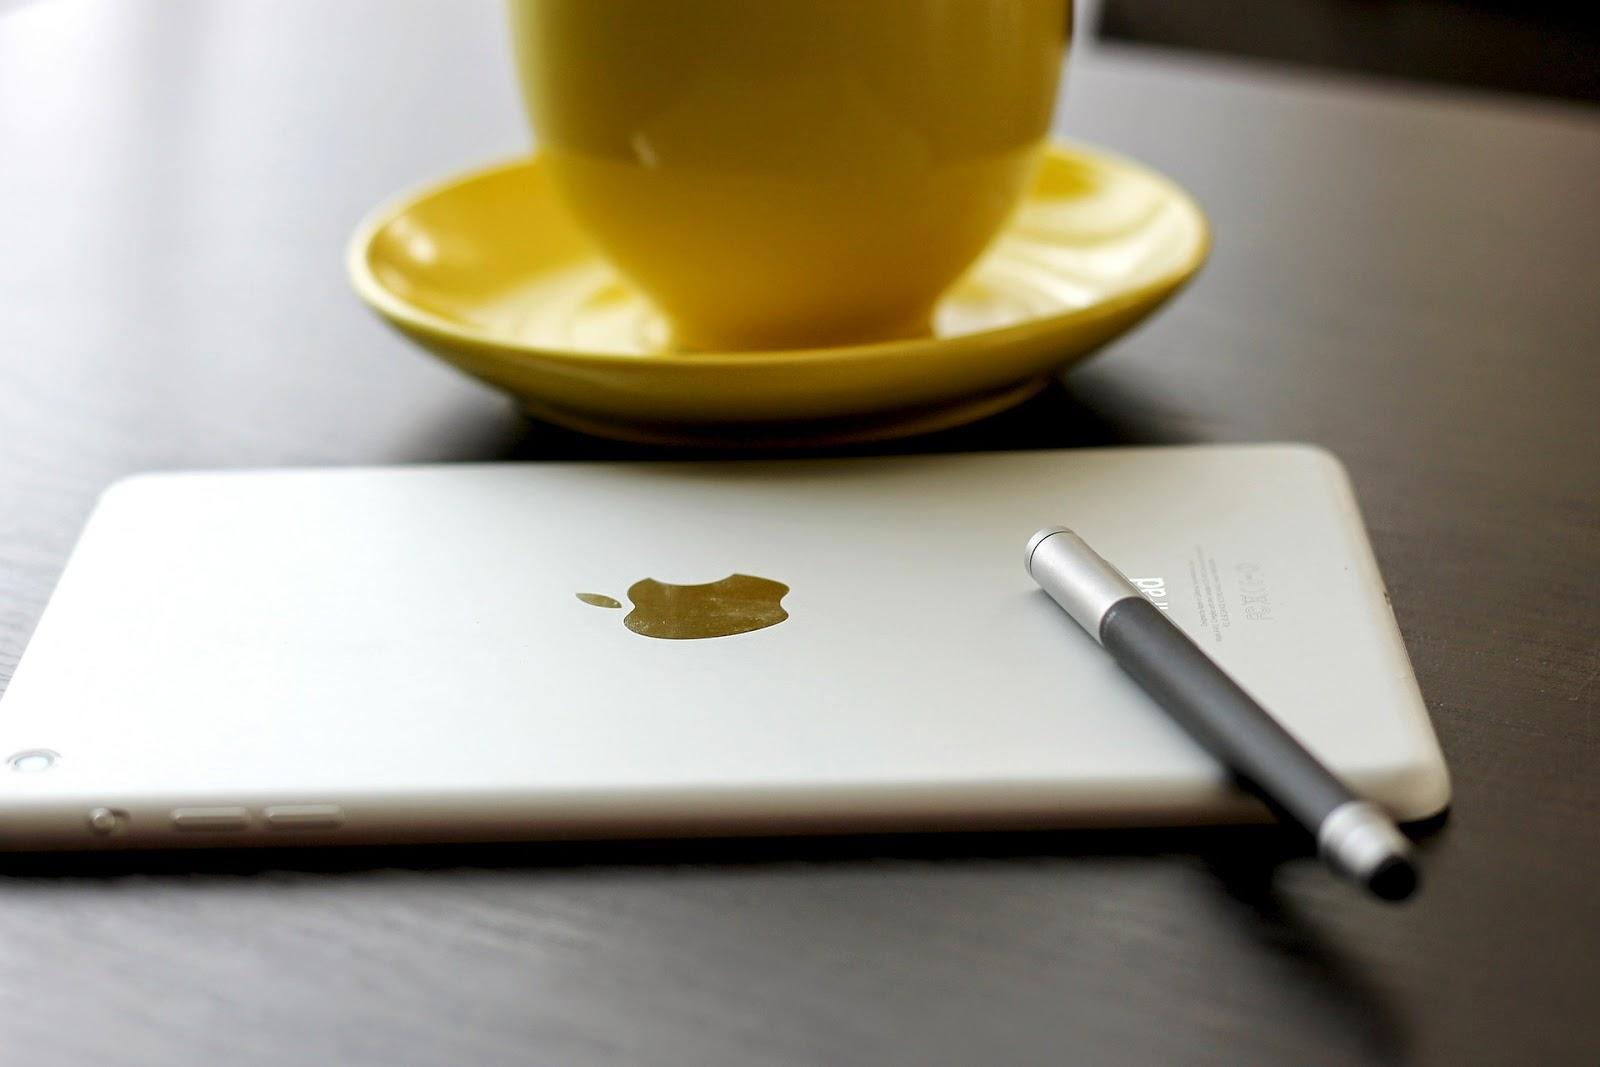 kultúra, íráskultúra, toll, ceruza, billentyűzet, táblagép, iPad, Apple